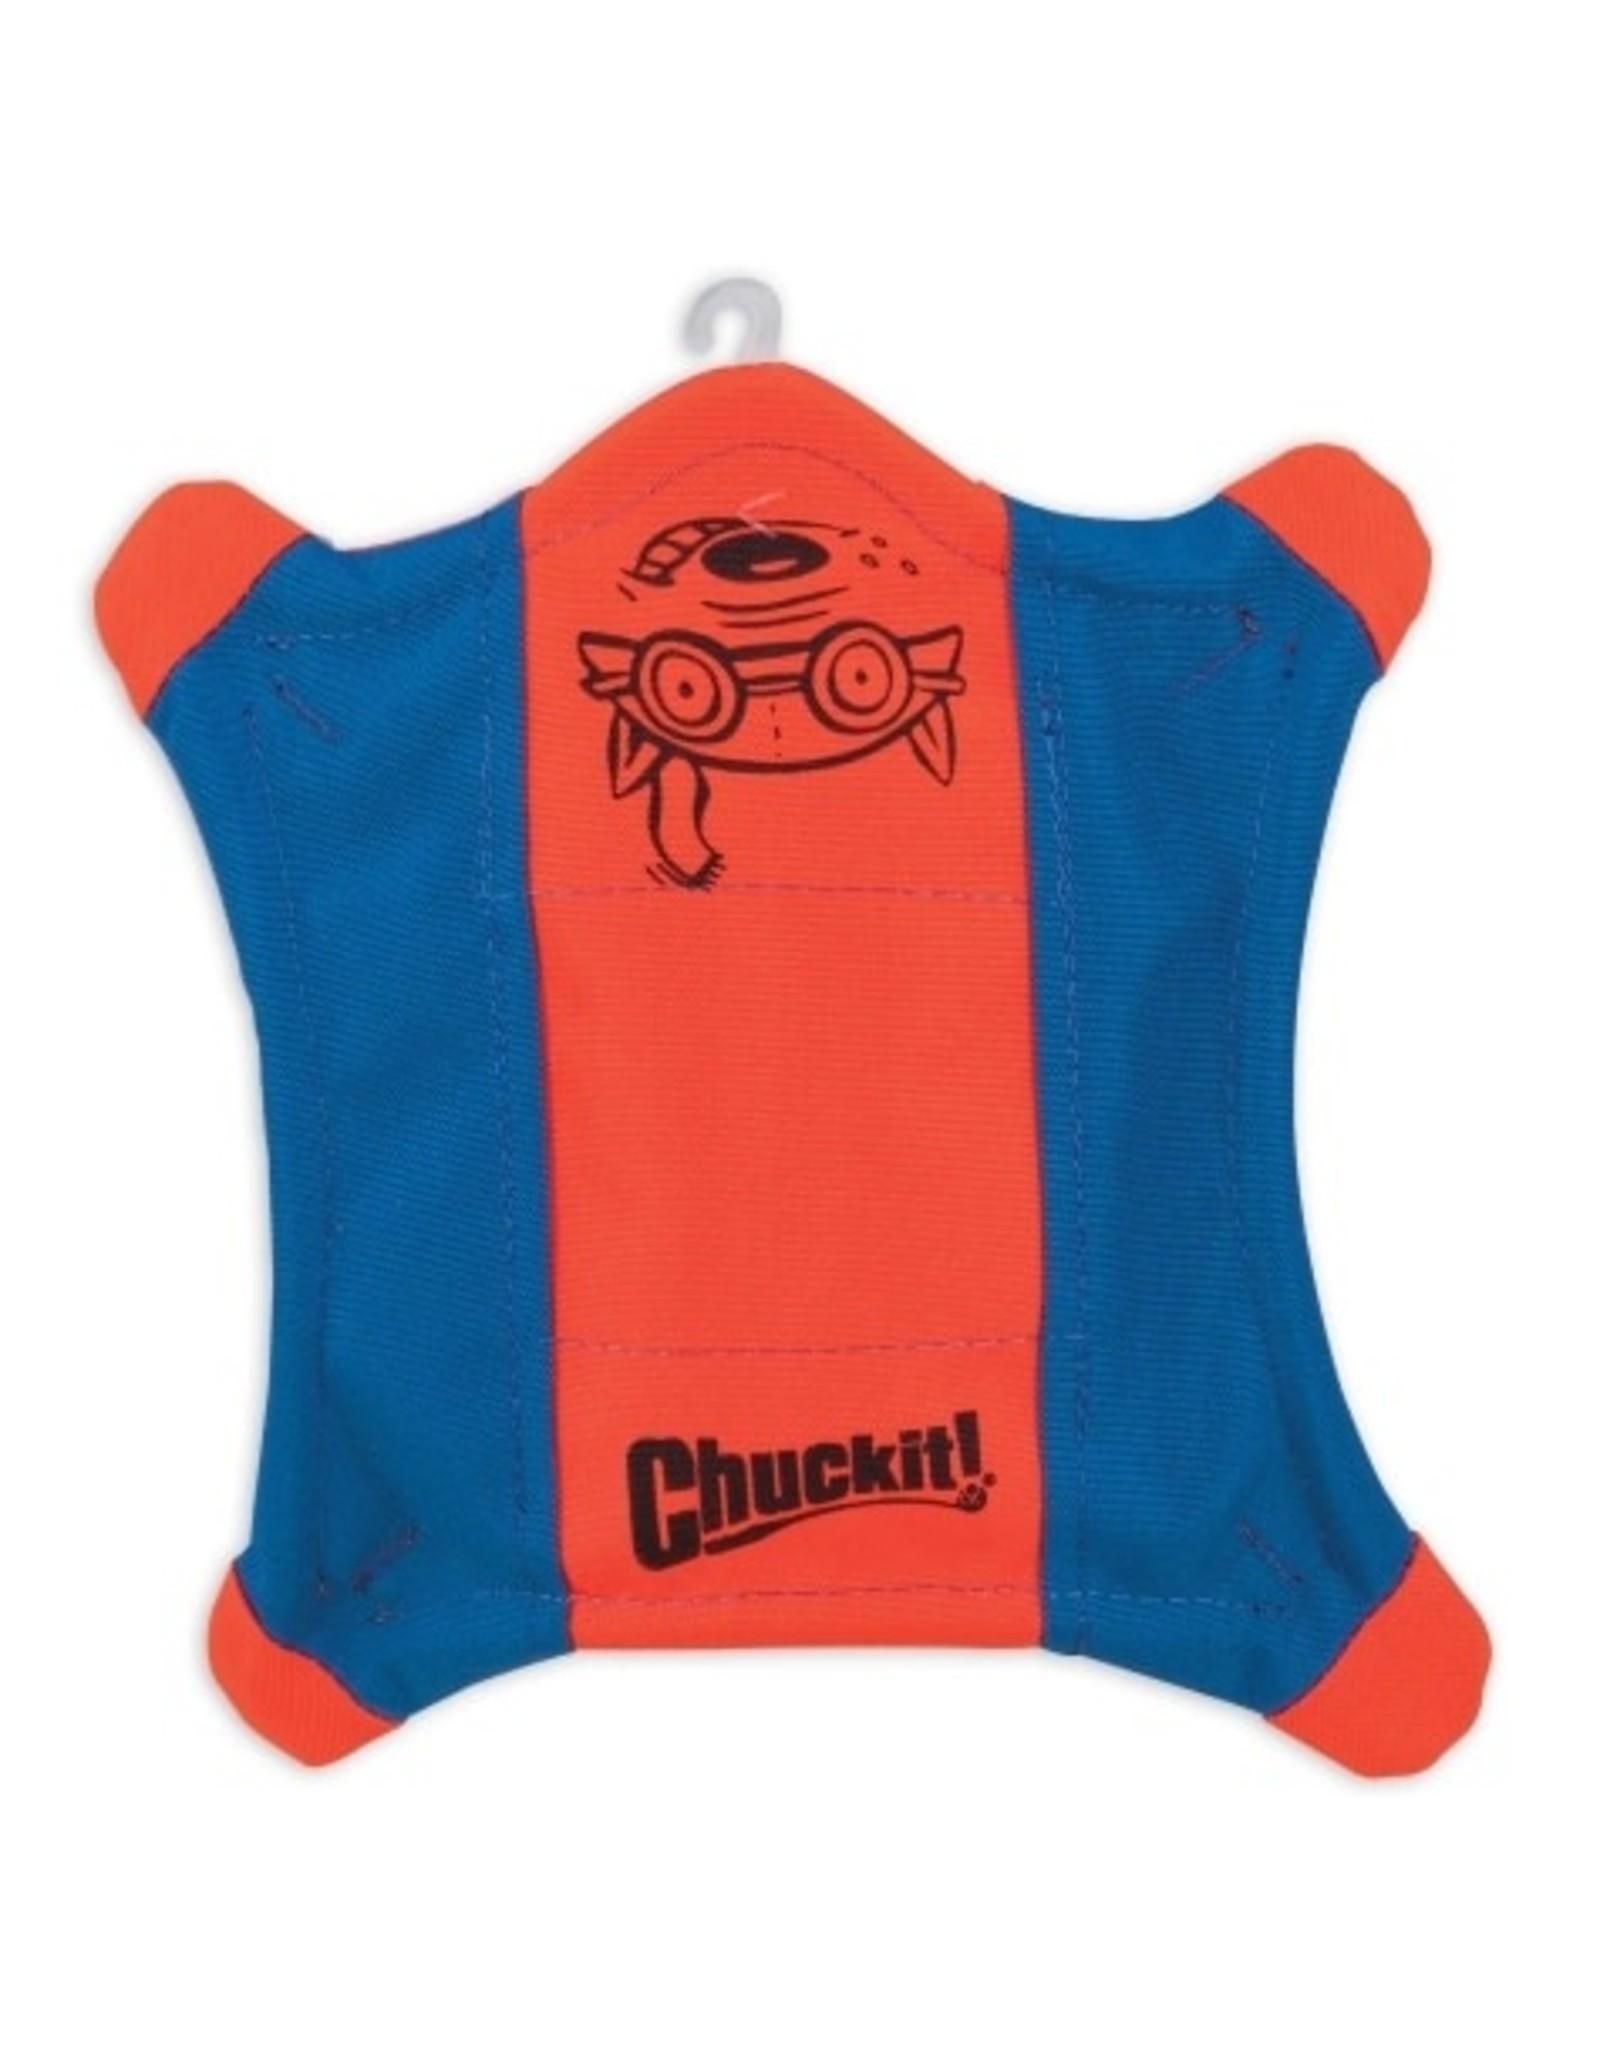 Chuckit! Flying Squirrel Fetch Dog Toy